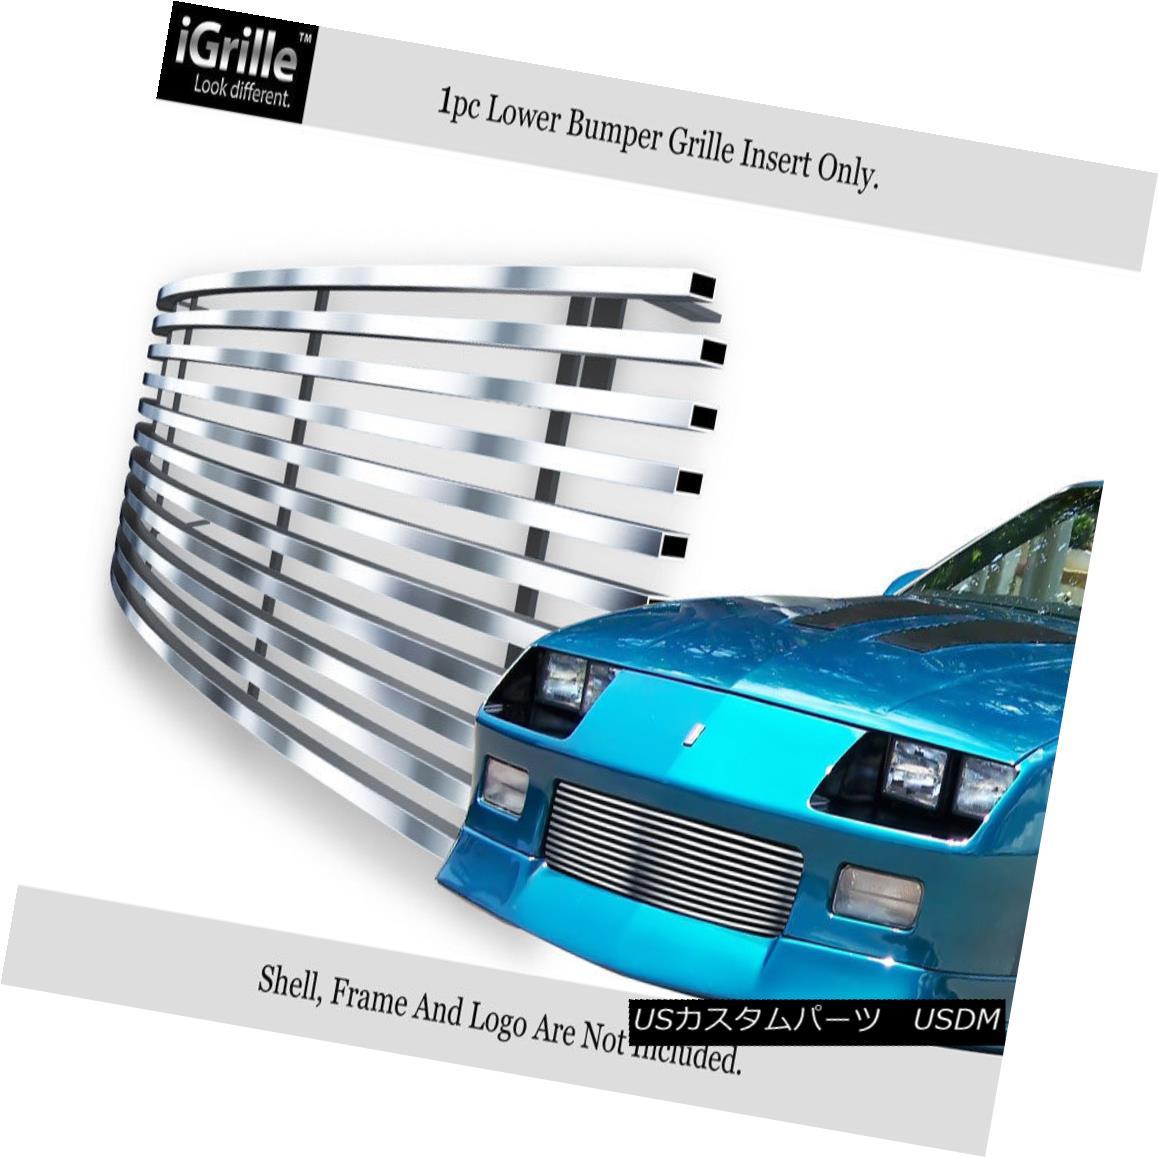 グリル Fits 88-92 Chevy Camaro Lower Bumper Stainless Steel Billet Grille Insert フィット88-92シボレーカマーロロワーバンパーステンレス鋼ビレットグリルインサート